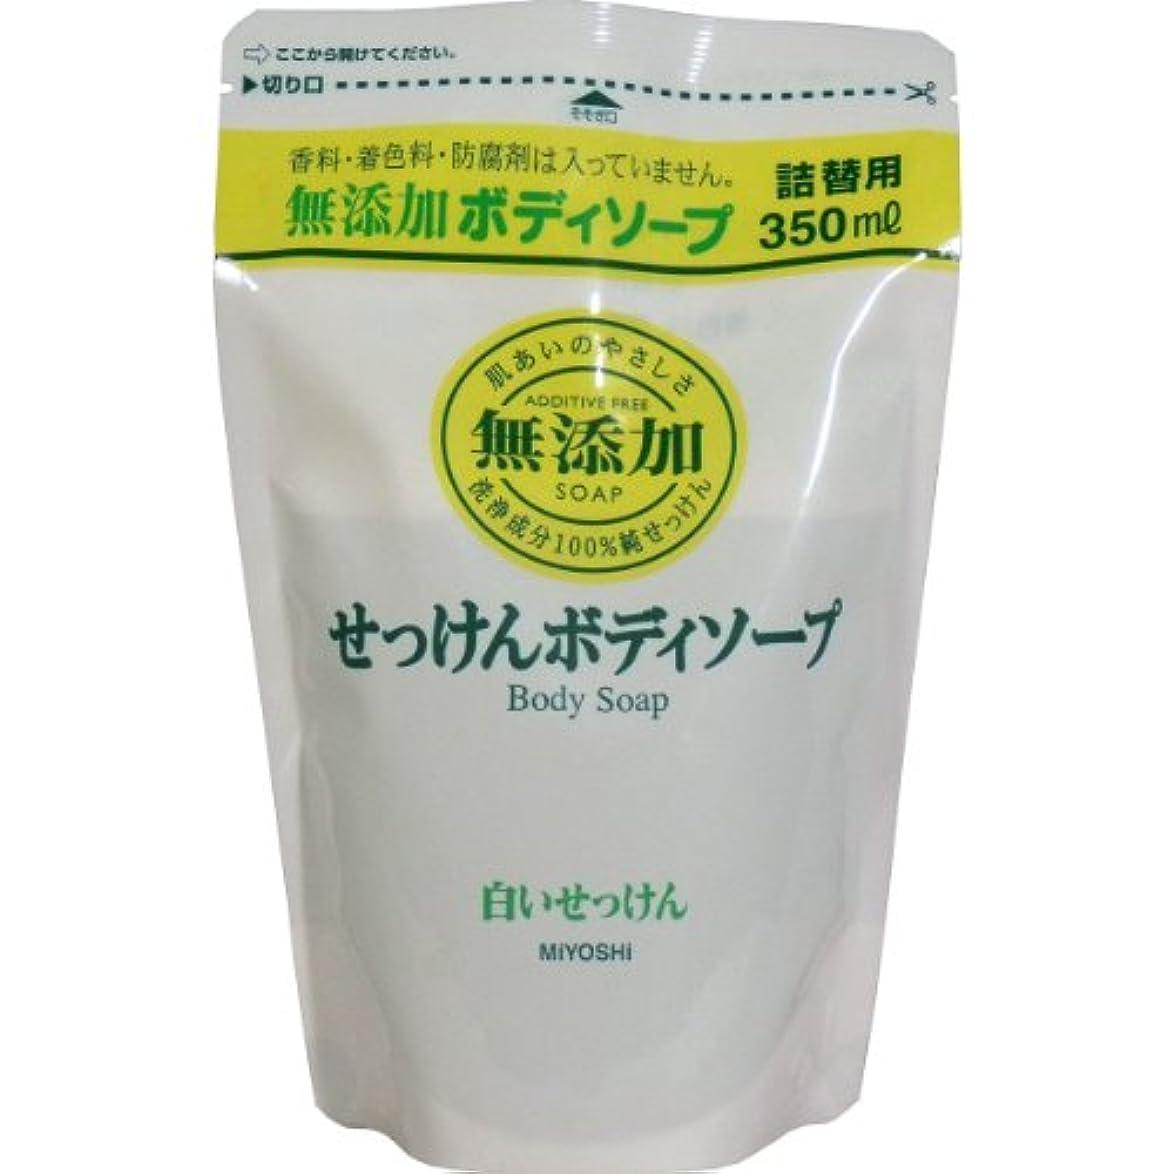 汚れた食べるぬるいミヨシ 無添加 ボディソープ 白い石けん つめかえ用 350ml(無添加石鹸) x 10個セット